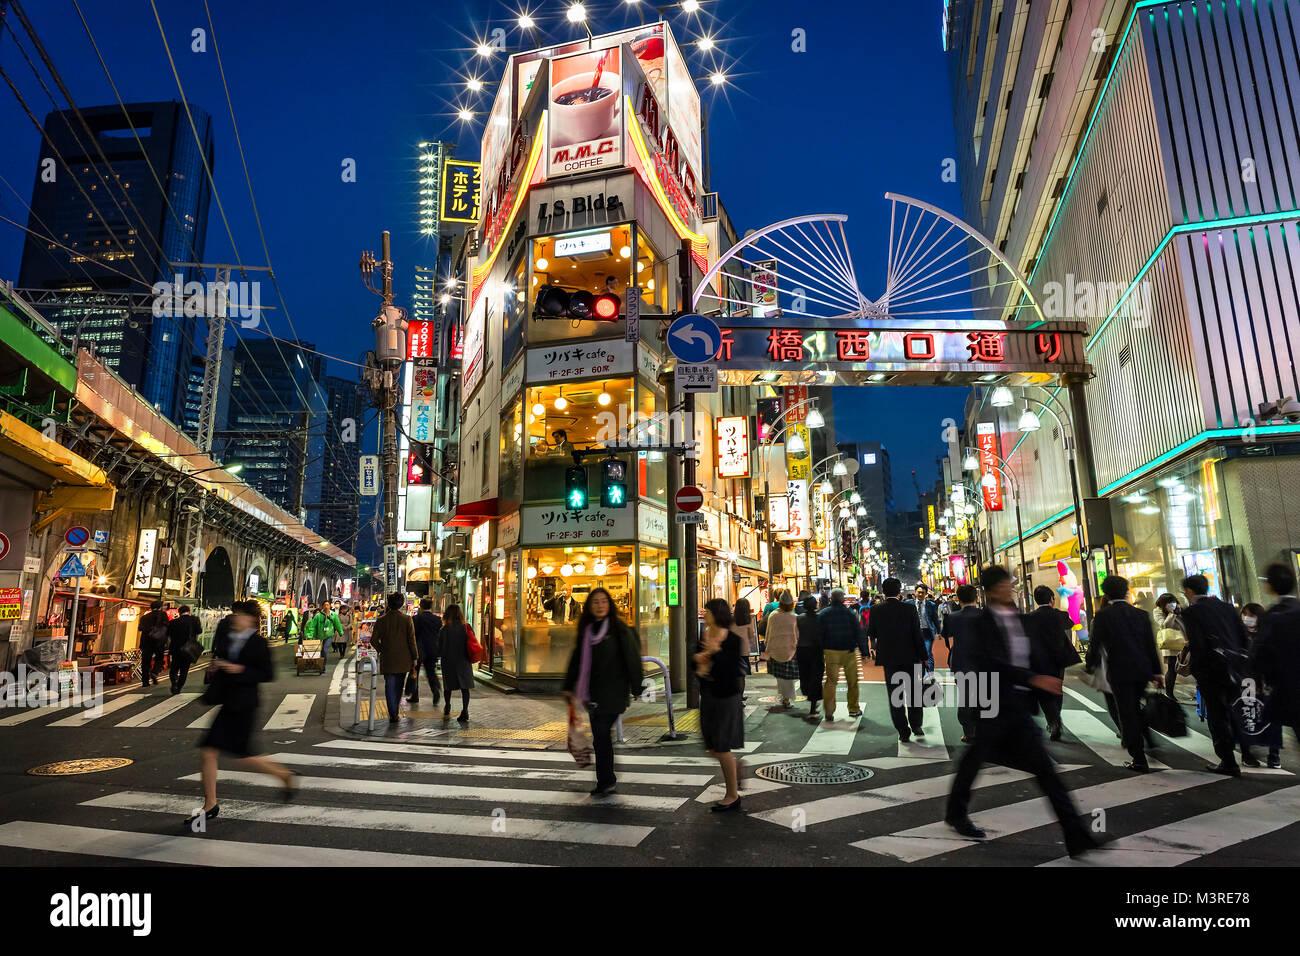 La isla de Japón, Honshu, Kanto, Tokio, por las calles por la noche. Imagen De Stock